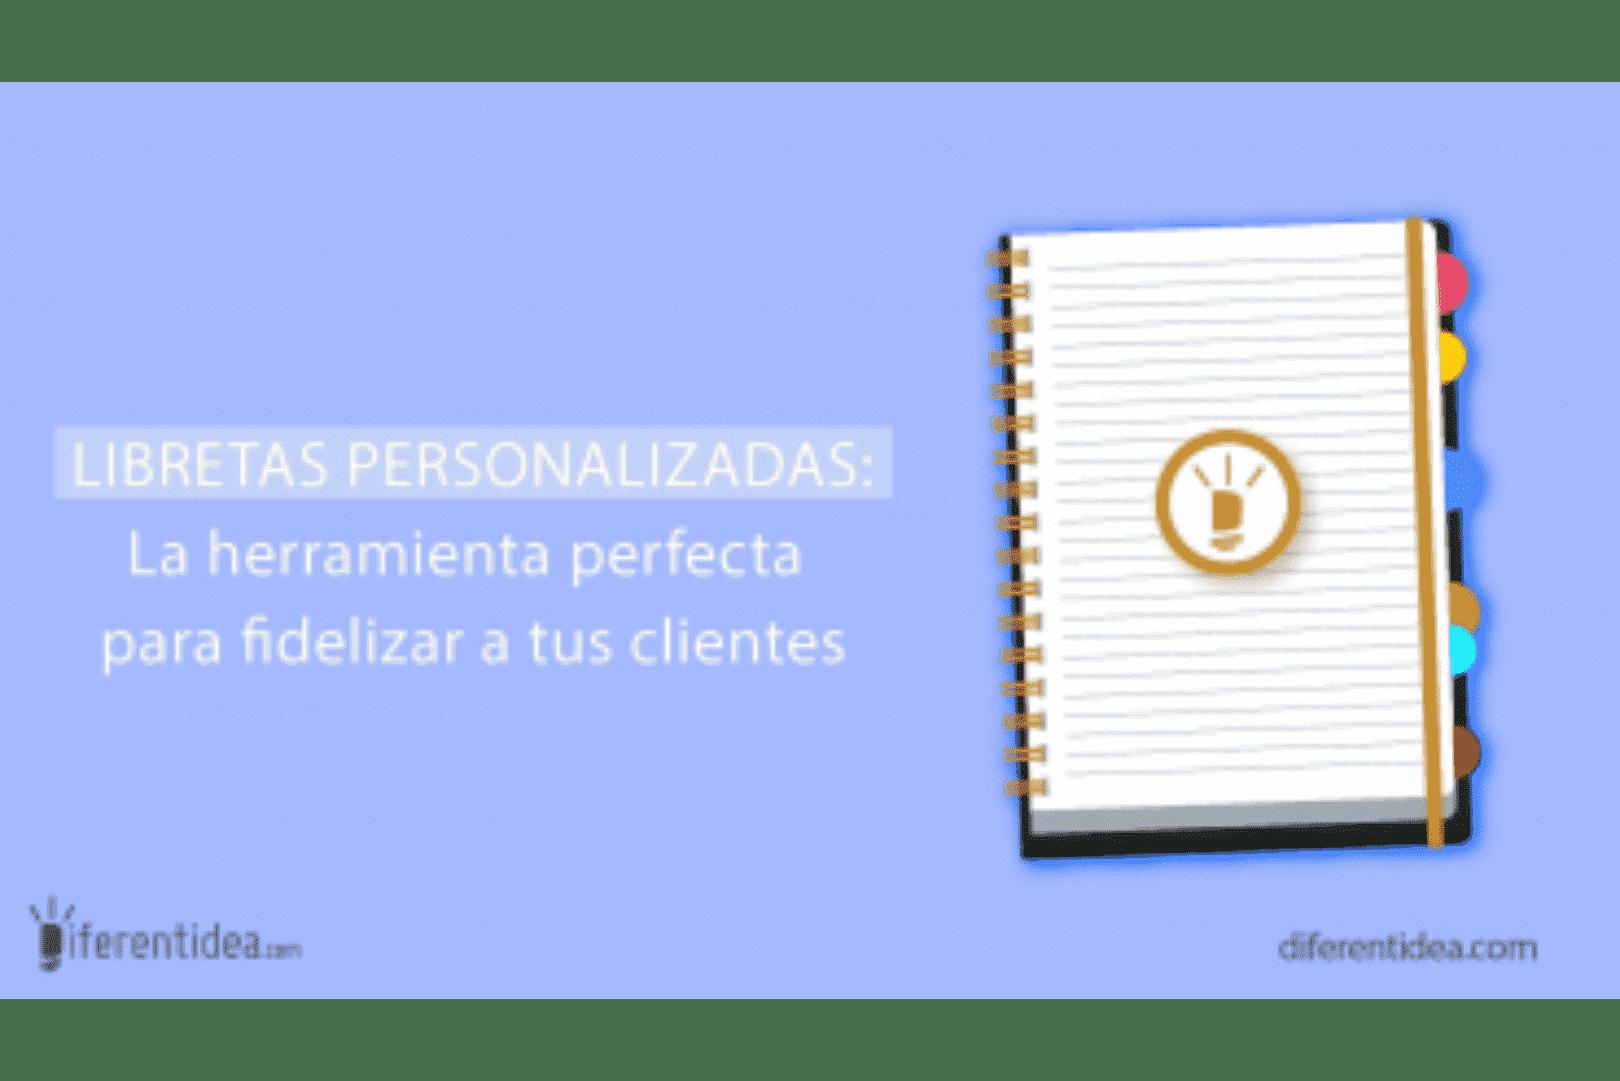 lg-b-libretas personalizadas la herramienta perfecta para fidelizar a tus clientes